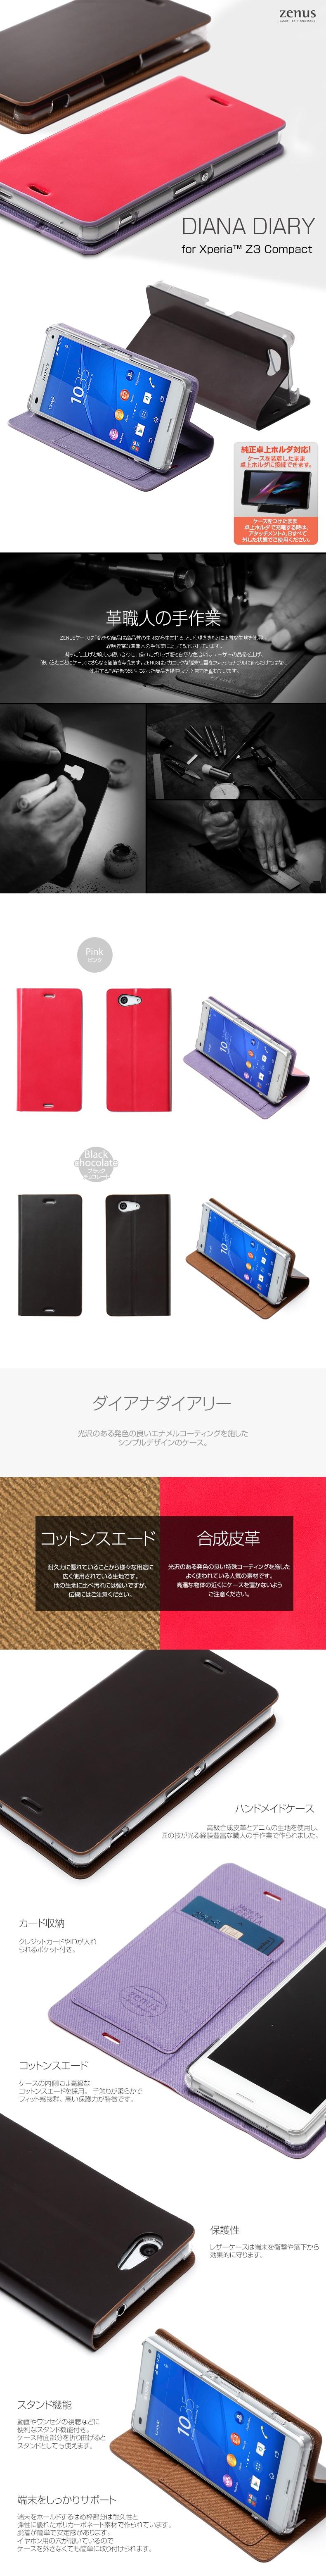 商品詳細-Xperia Z3 Compact専用ケース